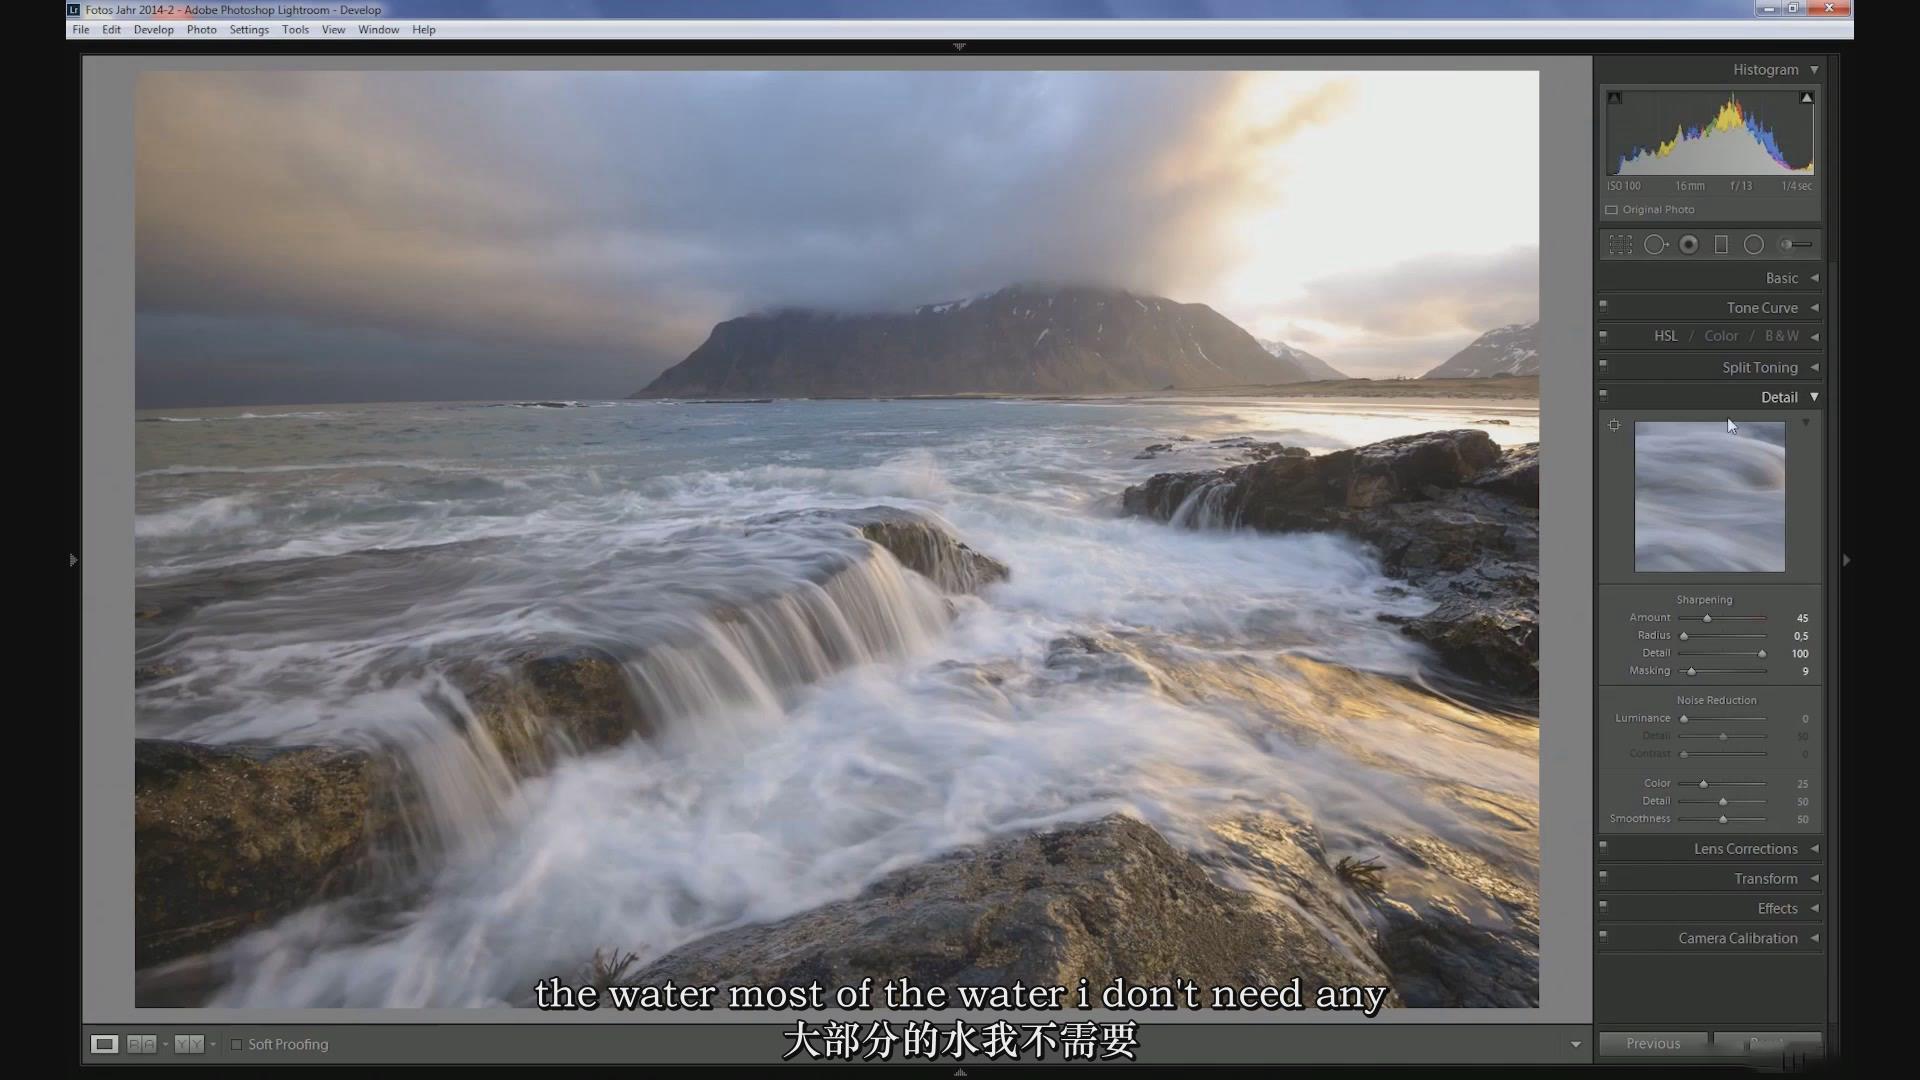 摄影教程_Daniel Fleischhacker景观和自然风光摄影Photoshop后期大师班-中英字幕 摄影教程 _预览图10